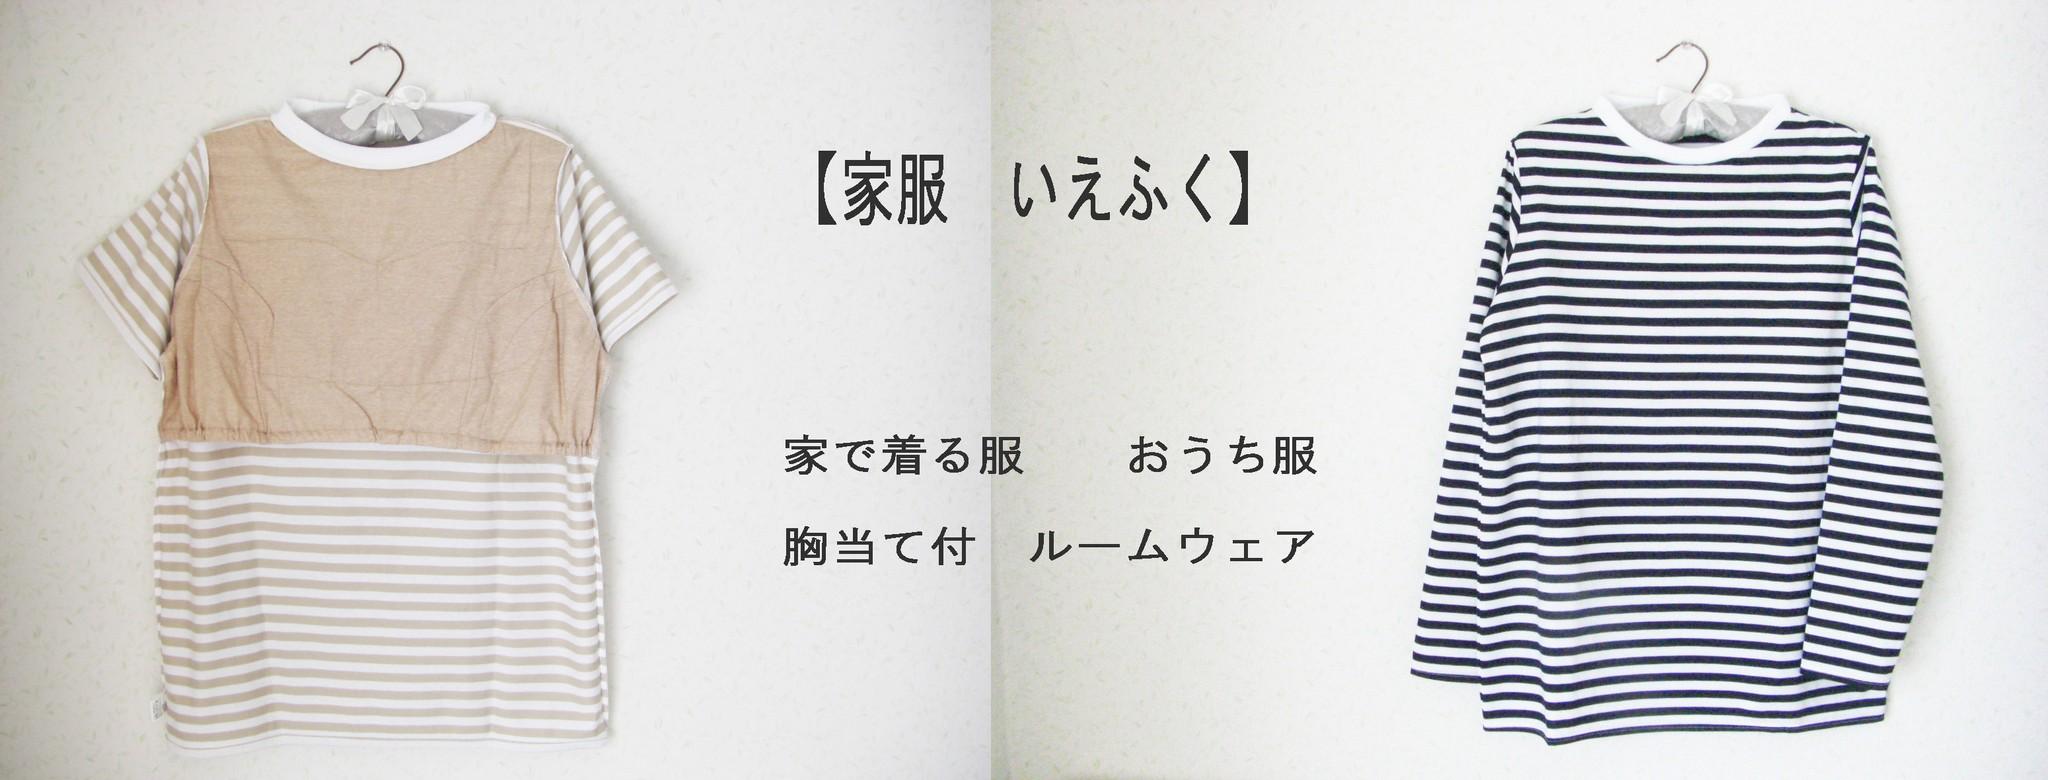 【家服 いえふく】家で着る服 胸当て付 レディース ルームウェアの通販